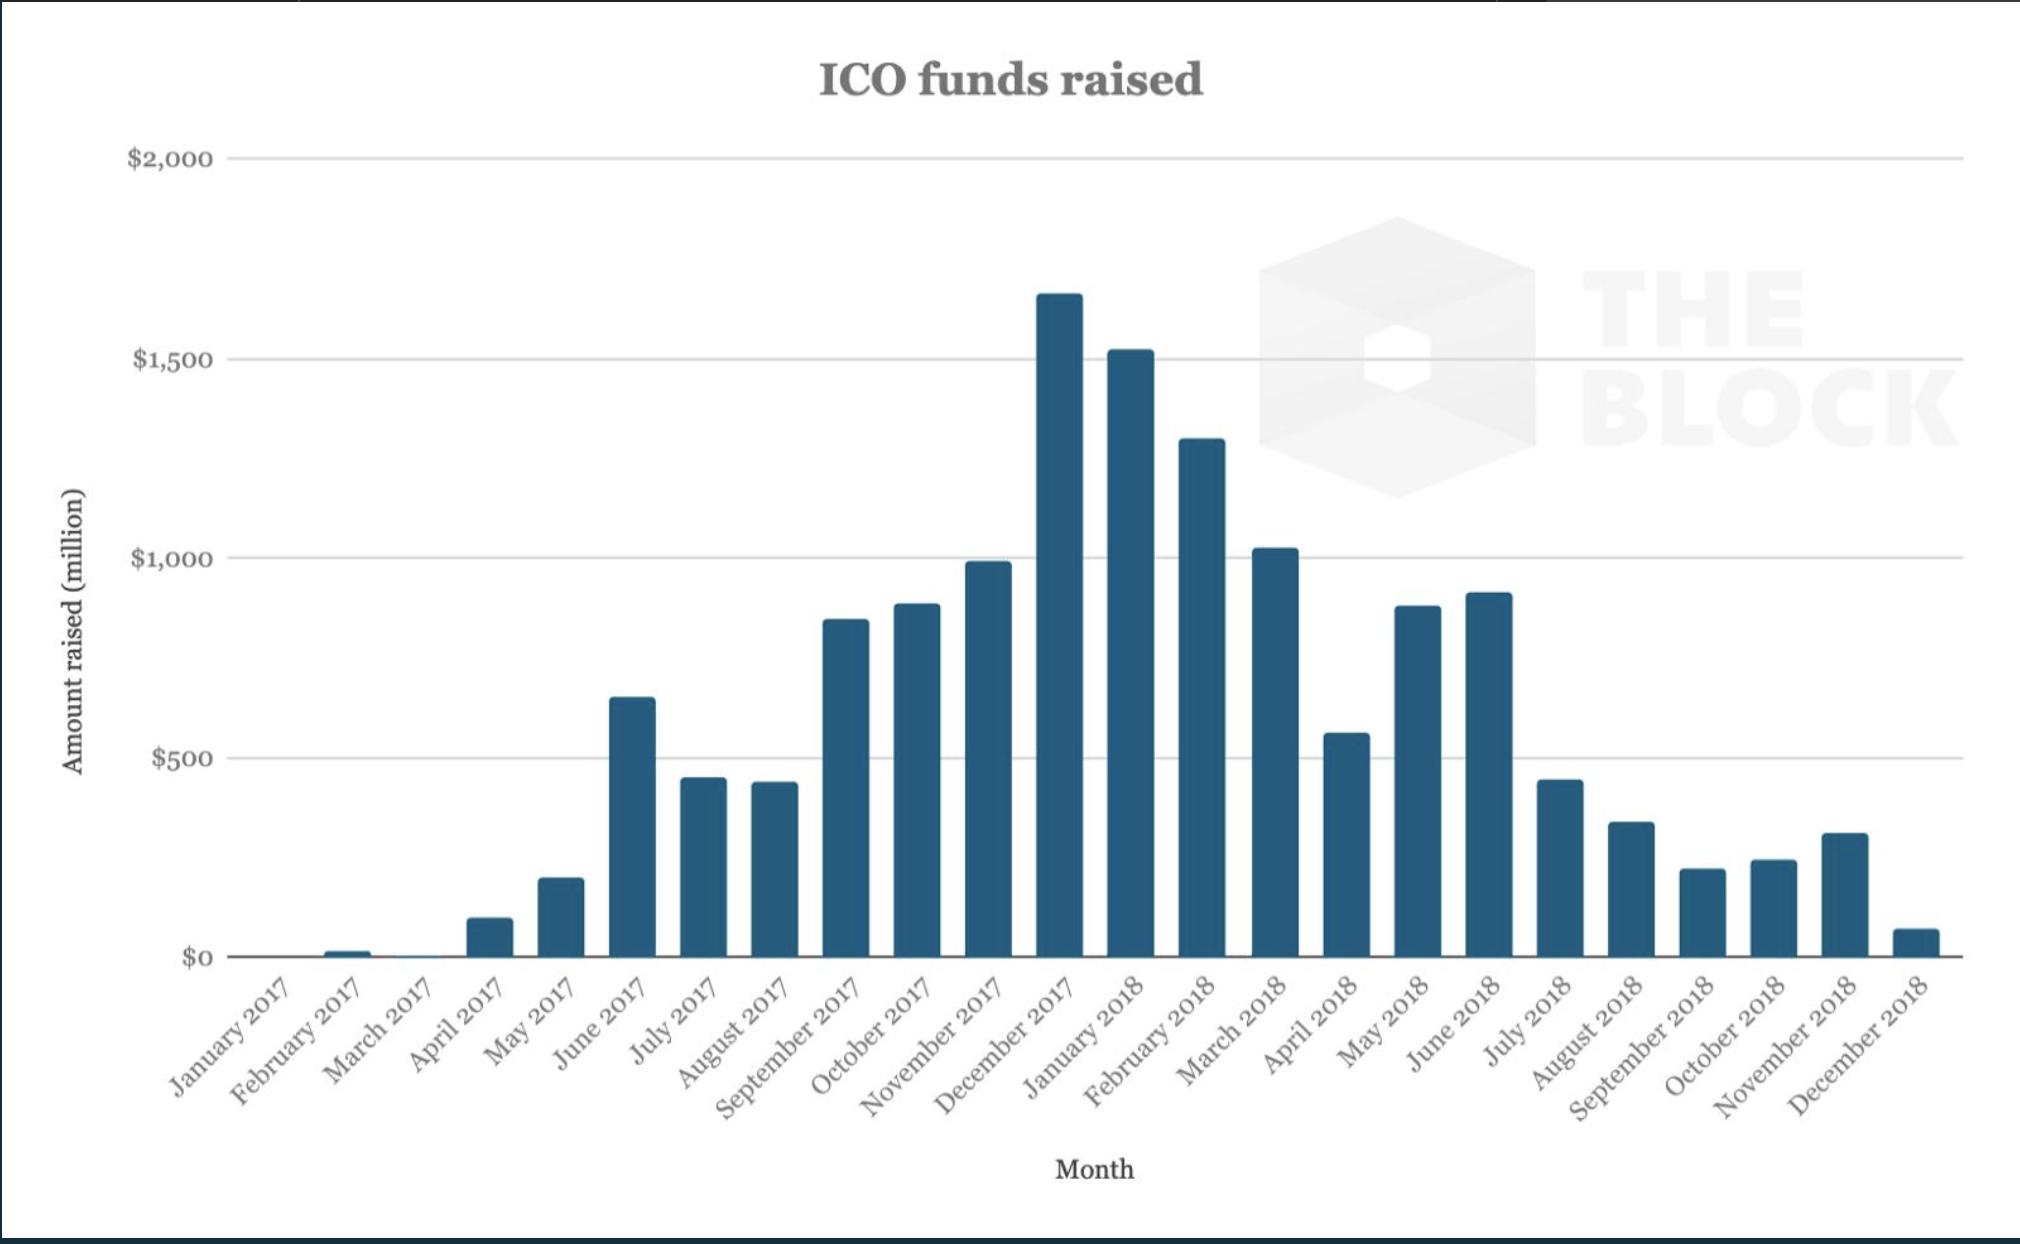 Les ICO ont décliné dès décembre 2017.